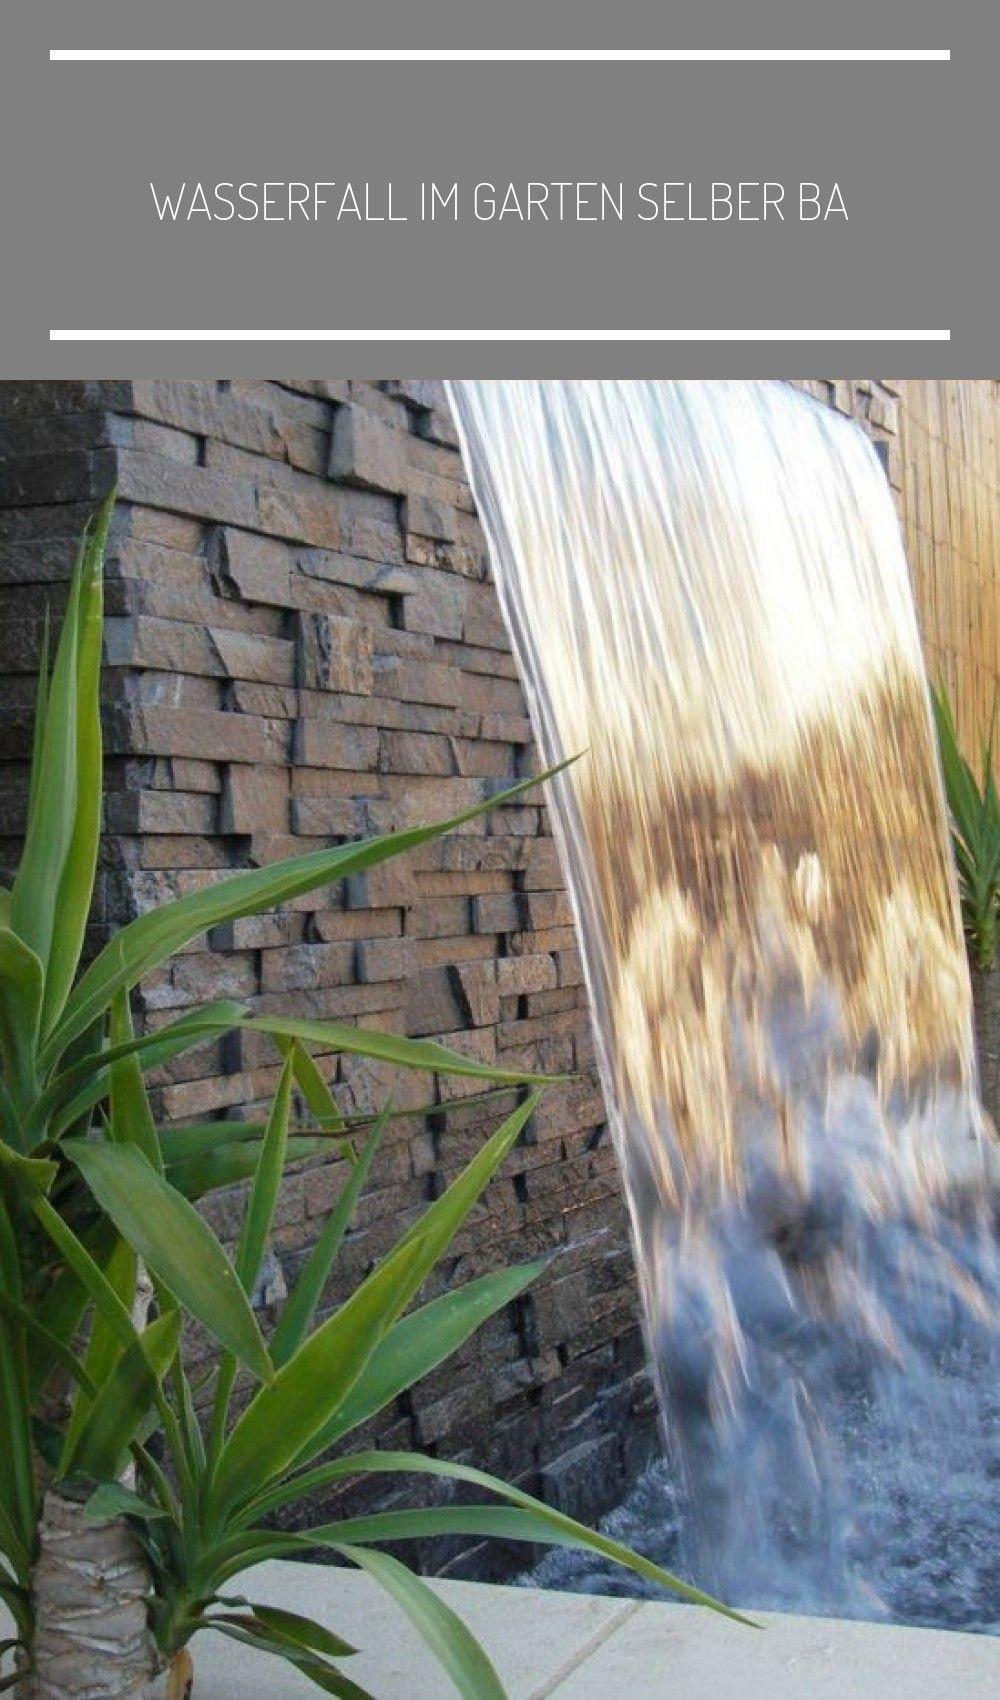 Account Suspended In 2020 Wasserfall Garten Wasserwand Garten Garten Pflanzen